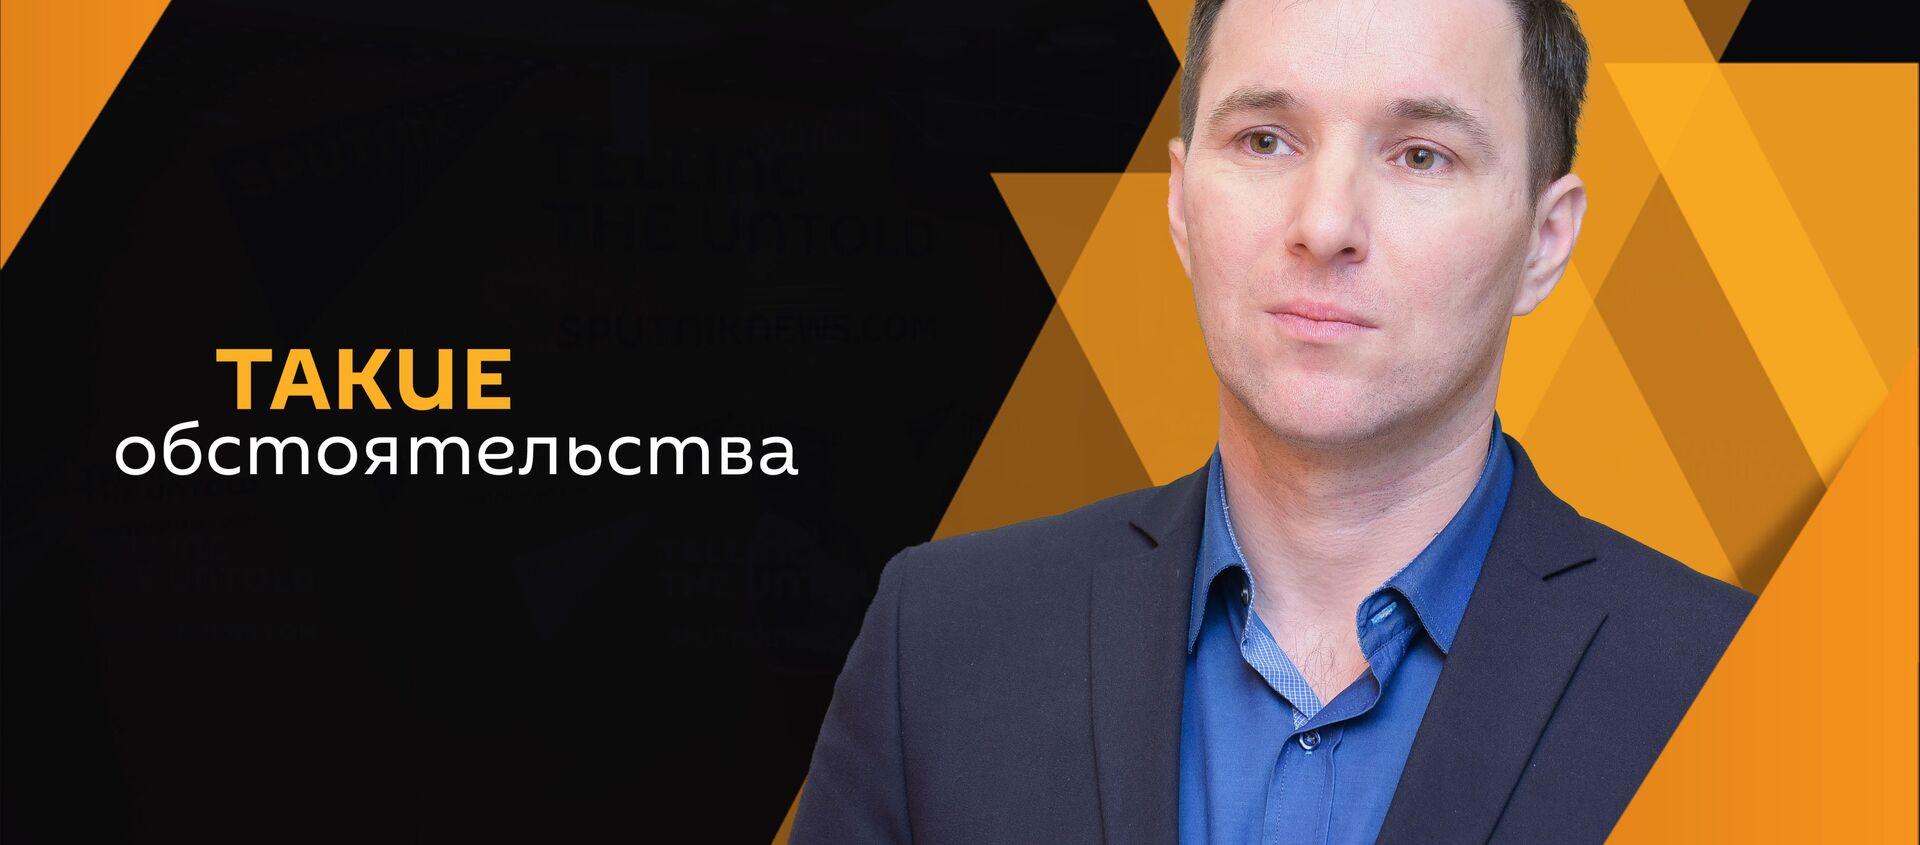 Олег Басария - Sputnik Абхазия, 1920, 03.08.2021